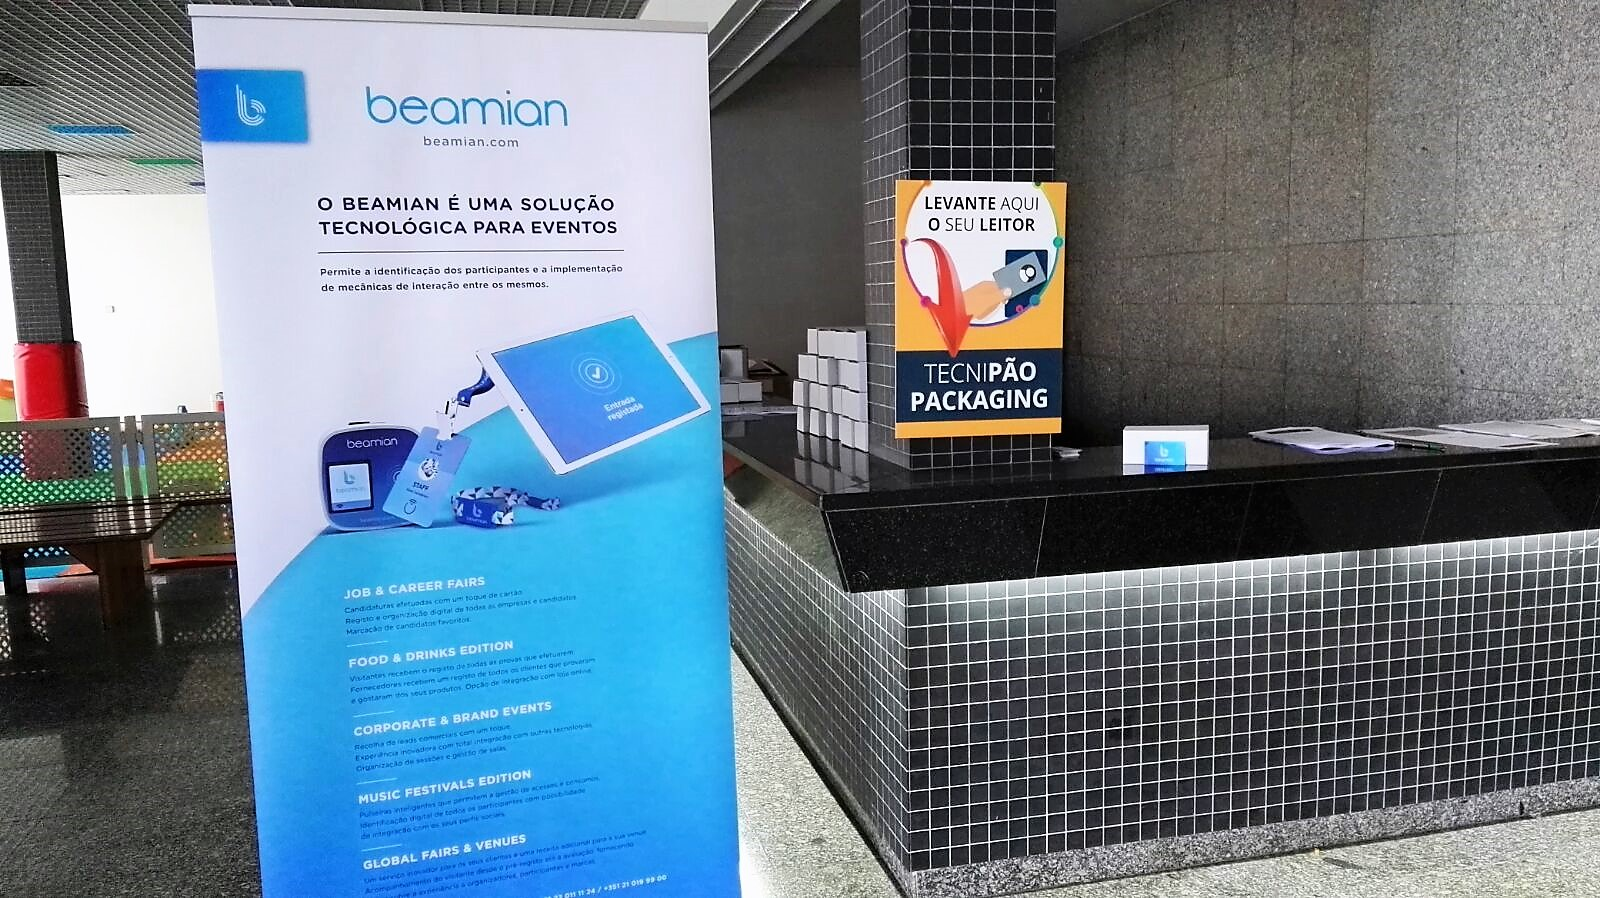 beamian en la feria profesional Tecnipão – Packaging 2018